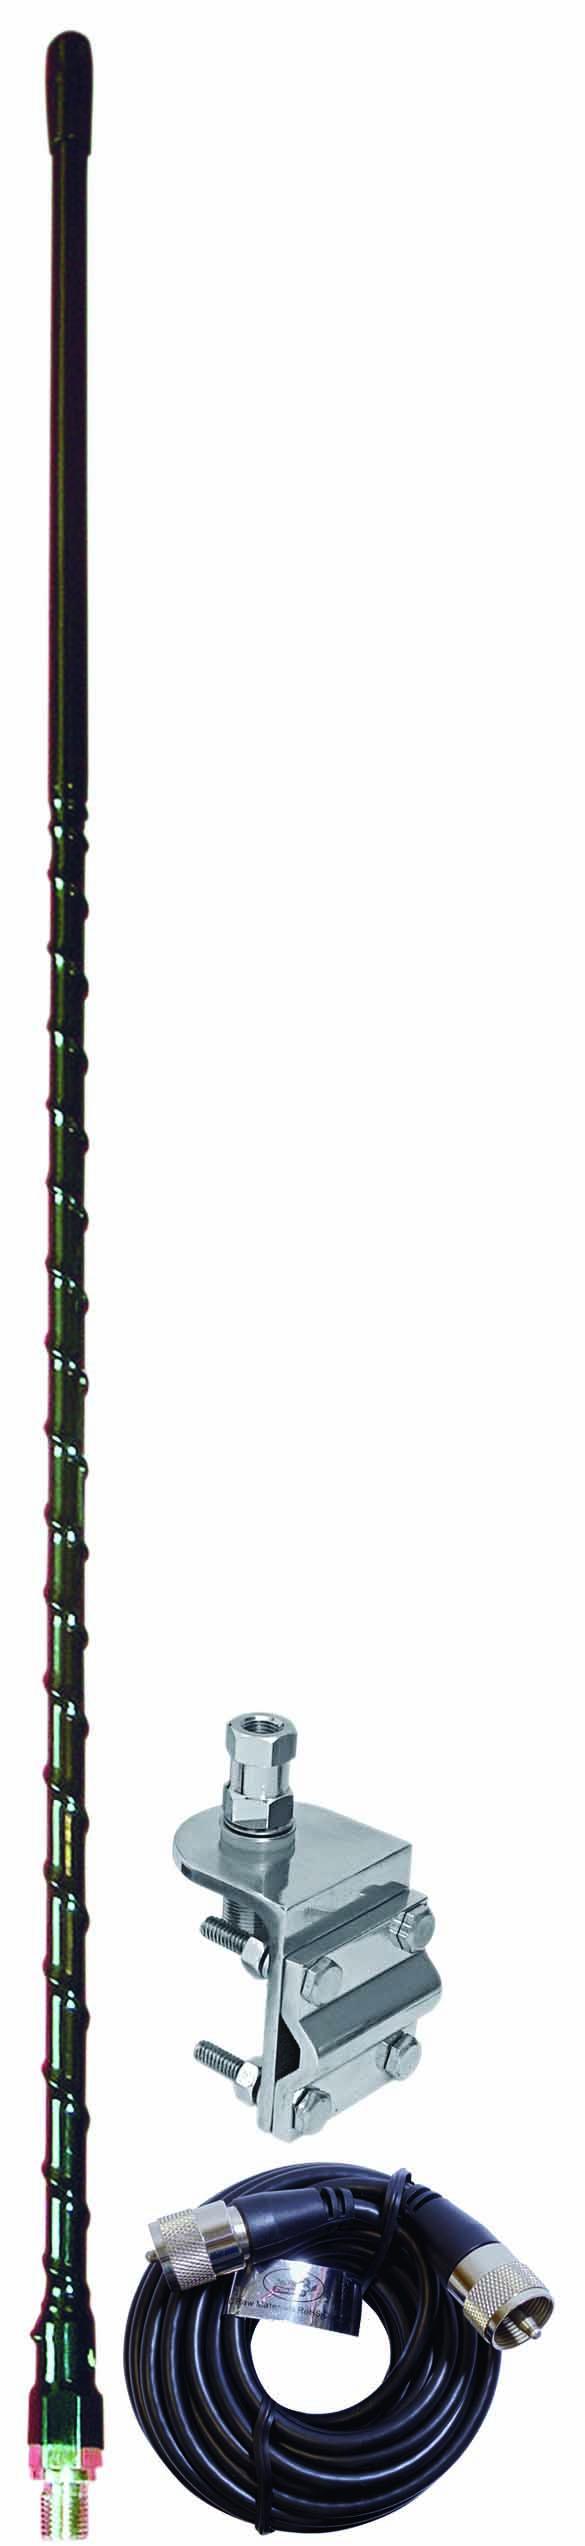 3' SINGLE MIRROR MT KIT W/9' COAX(BLACK)